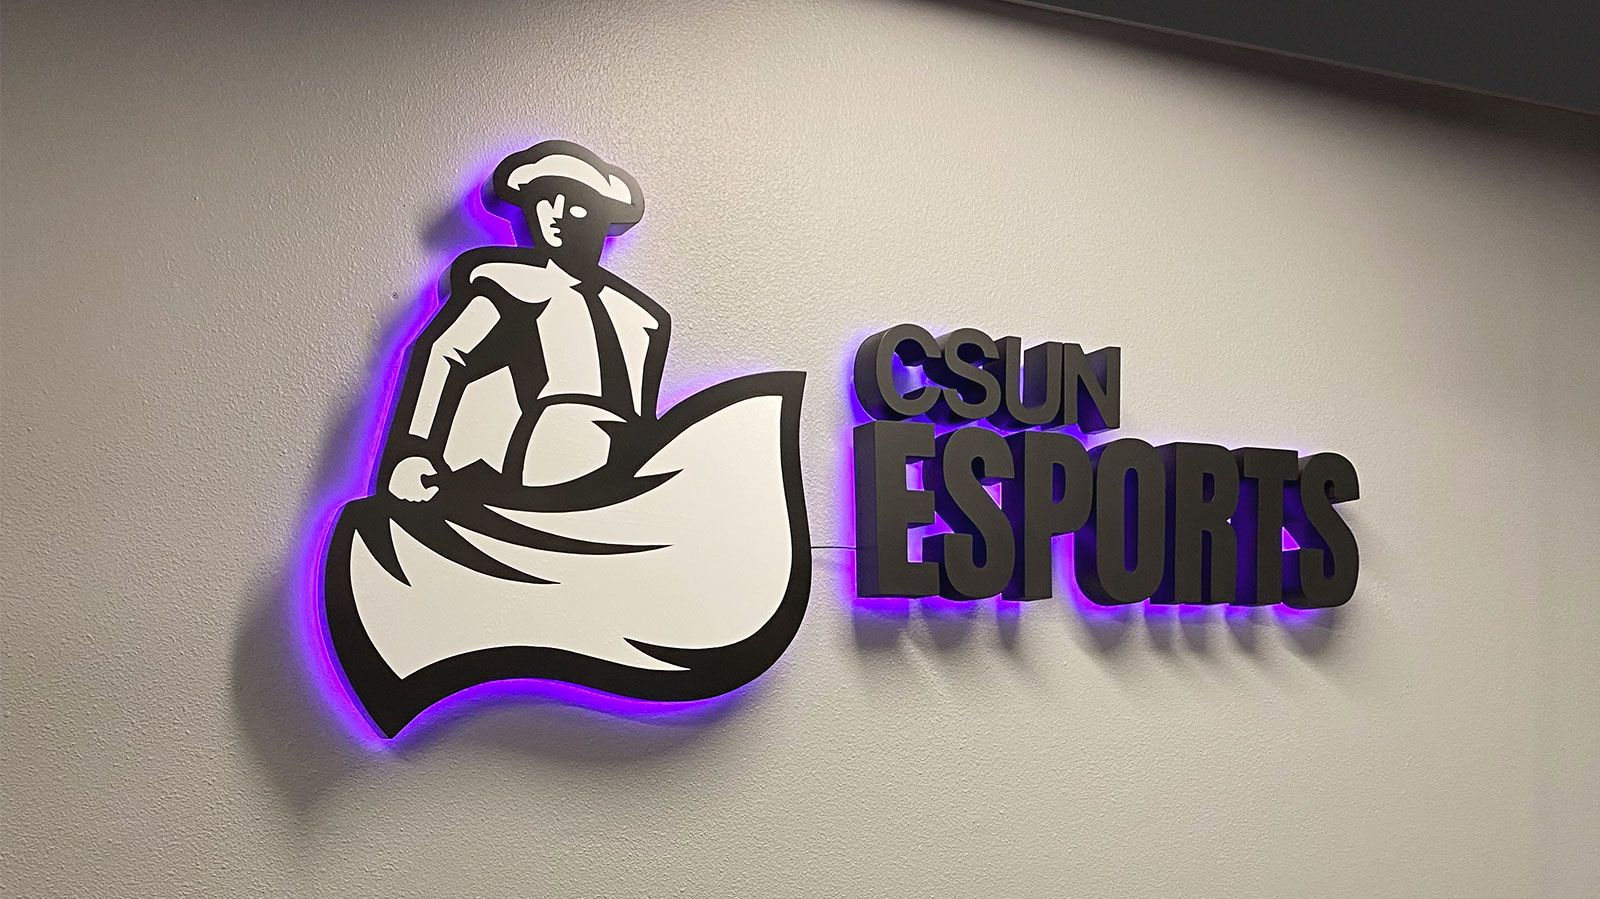 csun esports reverse channel letters